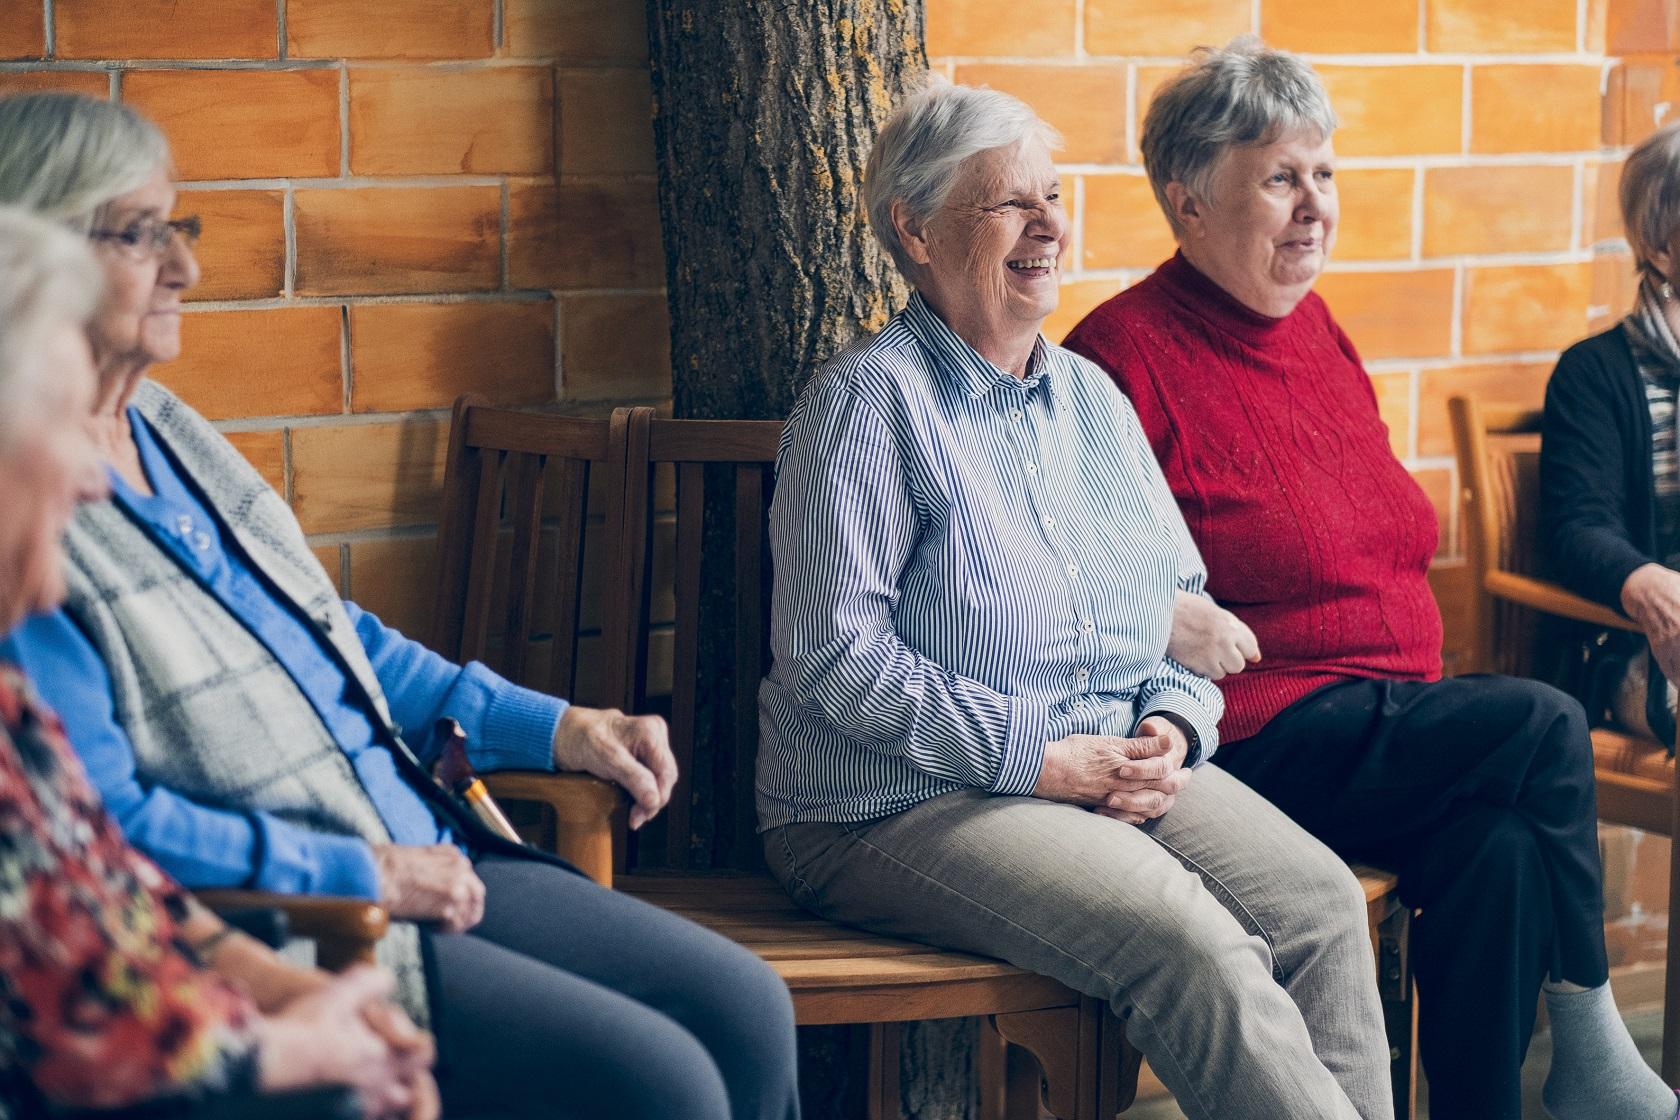 Bewohner lachen in einer familiären und geselligen Gemeinschaft